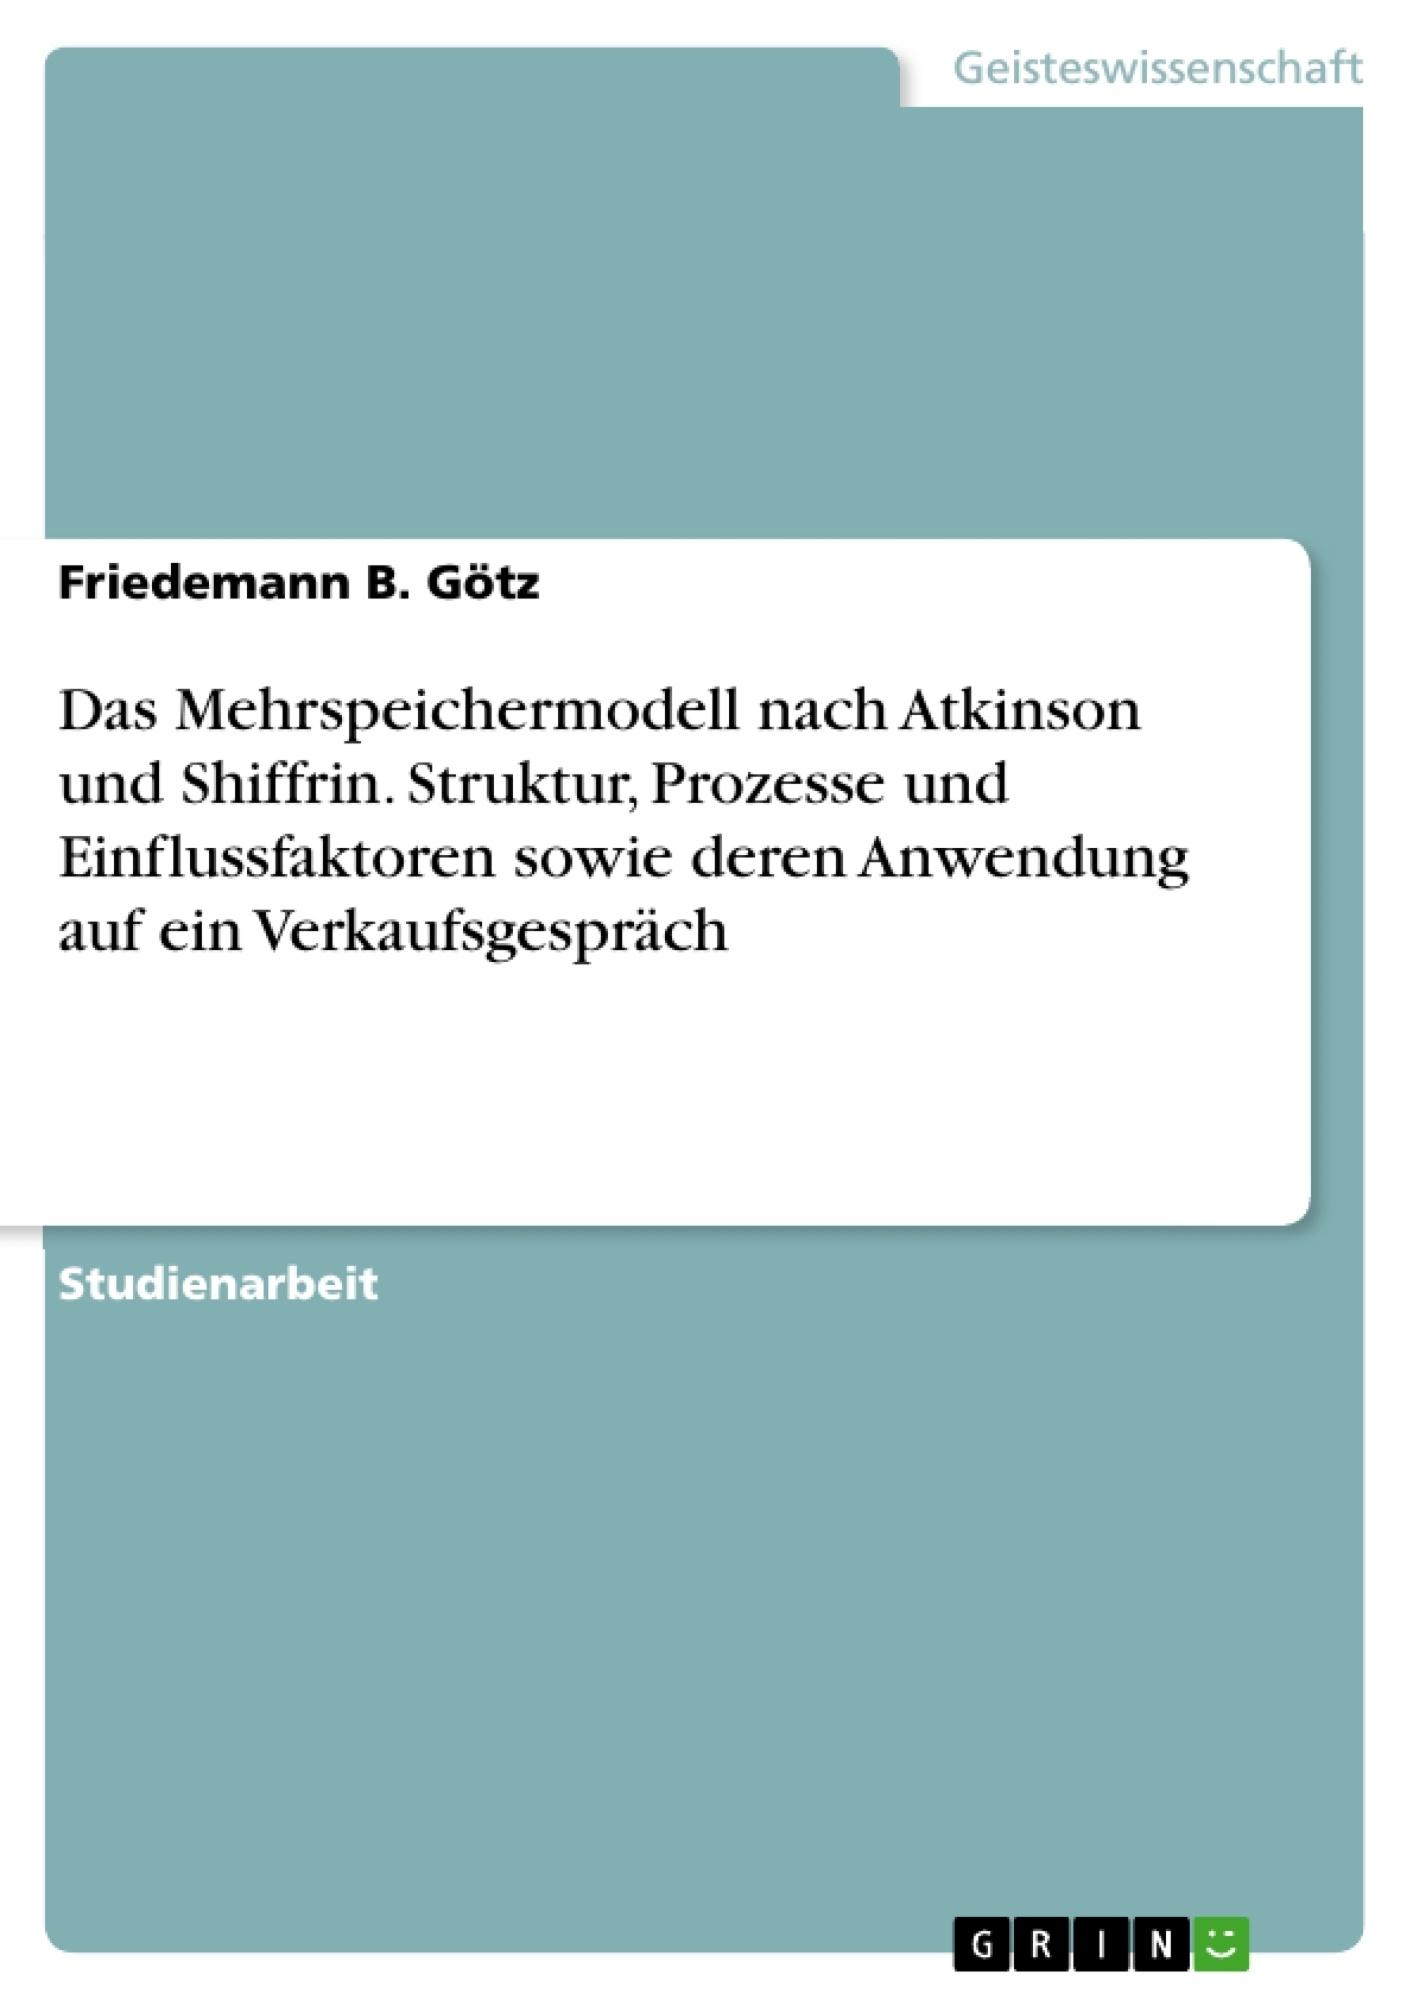 Titel: Das Mehrspeichermodell nach Atkinson und Shiffrin. Struktur, Prozesse und Einflussfaktoren sowie deren Anwendung auf ein Verkaufsgespräch